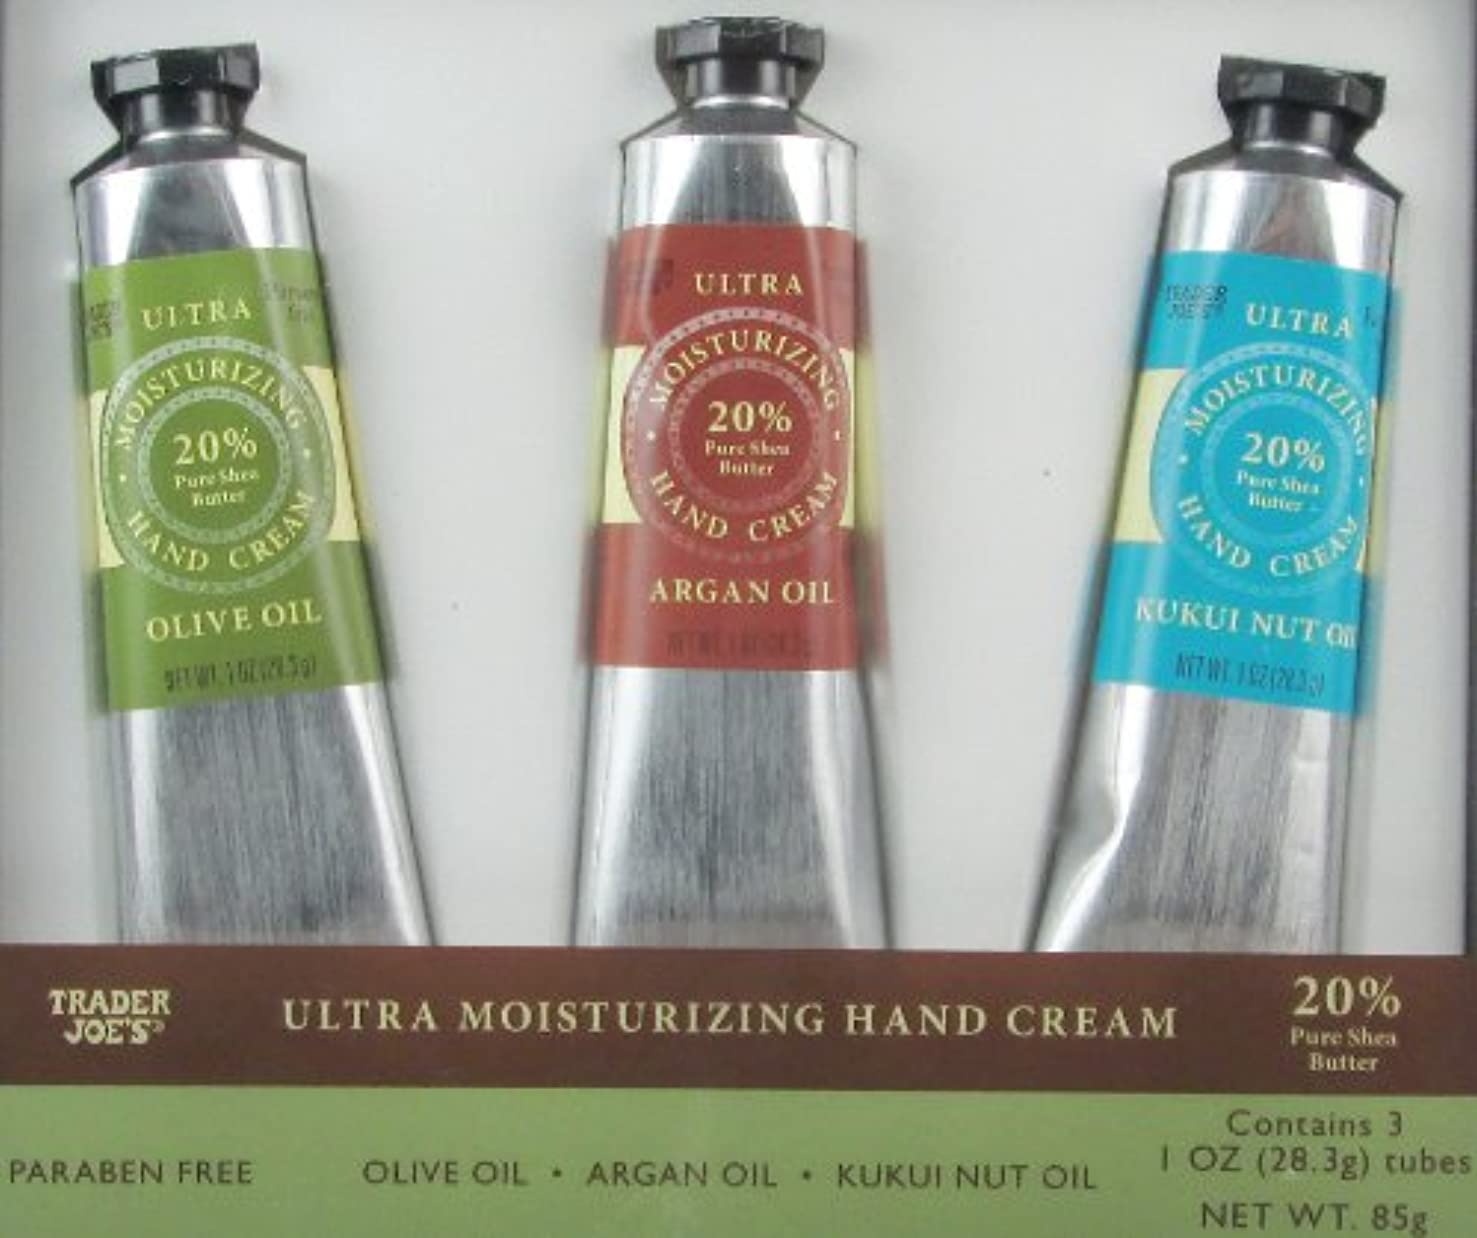 神秘的なマサッチョ機動トレーダージョーズ ウルトラ モイスチャライジング ハンドクリーム 3種類 ギフトセット Trader Joe's Moisturizing Hand Cream Trio Olive Oil, Argan Oil, Kukui...